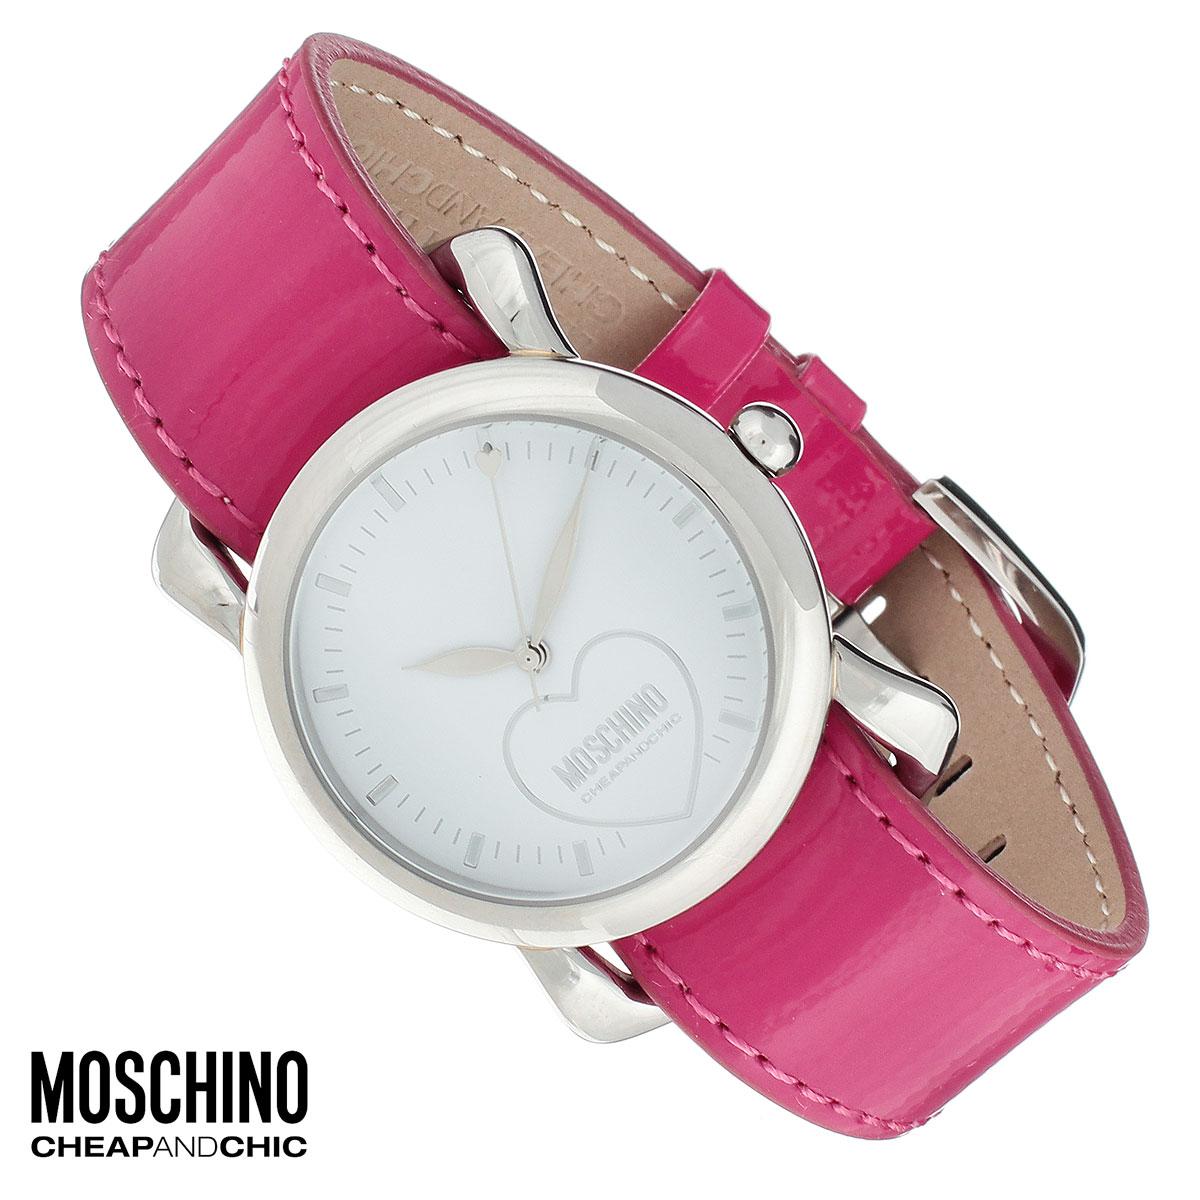 Часы женские наручные Moschino, цвет: розовый, бежевый. MW0475MW0475Наручные часы от известного итальянского бренда Moschino - это не только стильный и функциональный аксессуар, но и современные технологи, сочетающиеся с экстравагантным дизайном и индивидуальностью. Часы Moschino оснащены кварцевым механизмом. Корпус выполнен из высококачественной нержавеющей стали. Циферблат оформлен сердцем с названием бренда и защищен минеральным стеклом. Часы имеют три стрелки - часовую, минутную и секундную. Часы можно носить как на шелковом фирменном платке, так и на двухстороннем ремешке из натуральной кожи. Платок также можно использовать в качестве самостоятельного аксессуара на шее или украсить им сумочку. Часы упакованы в фирменную металлическую коробку с логотипом бренда. Часы Moschino благодаря своему уникальному дизайну отличаются от часов других марок своеобразными циферблатами, функциональностью, а также набором уникальных технических свойств. Каждой модели присуща легкая экстравагантность, самобытность и, безусловно,...